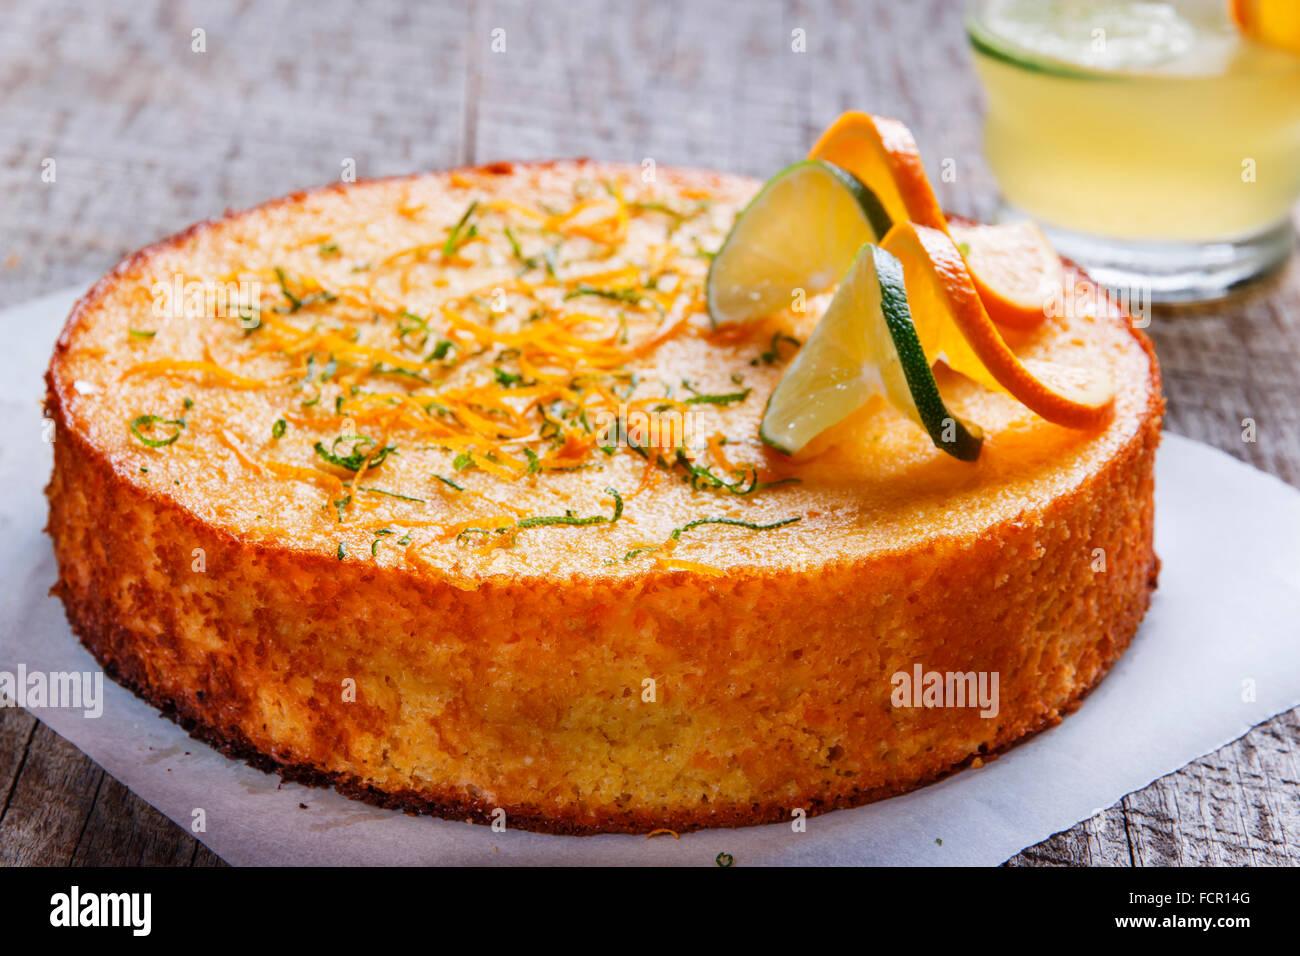 Hausgemachte ganz unbeständig orange Kuchen auf einer Holzoberfläche Stockbild